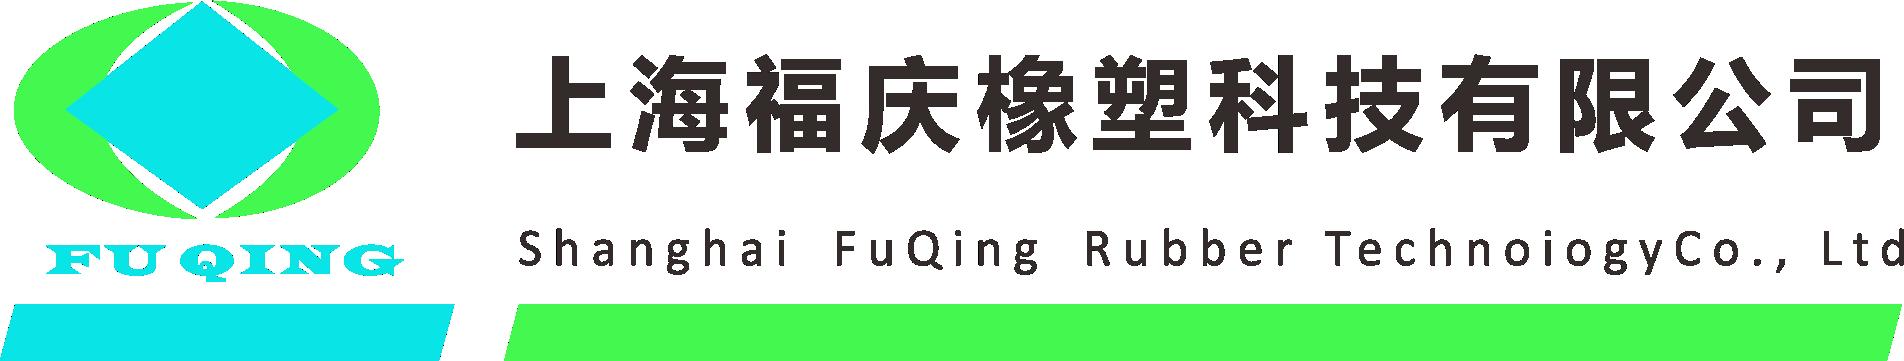 上海福庆橡塑科技有限公司